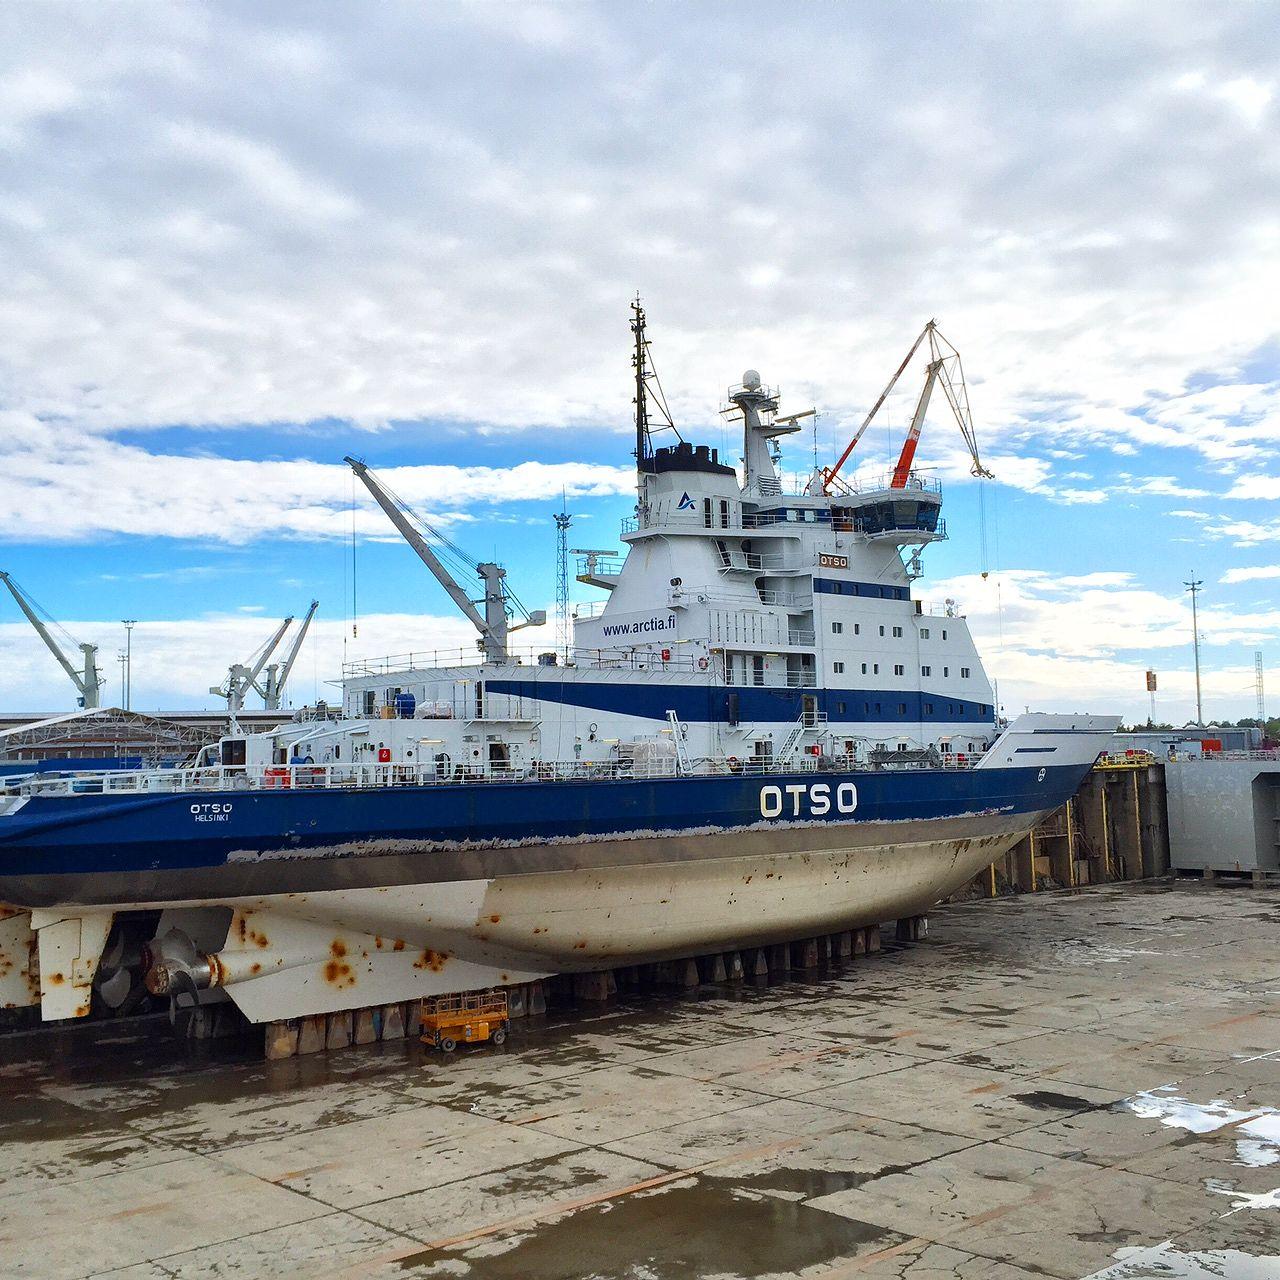 Otso avustaa Grönlannissa seismologista tutkimustyötä tekevää alusta.